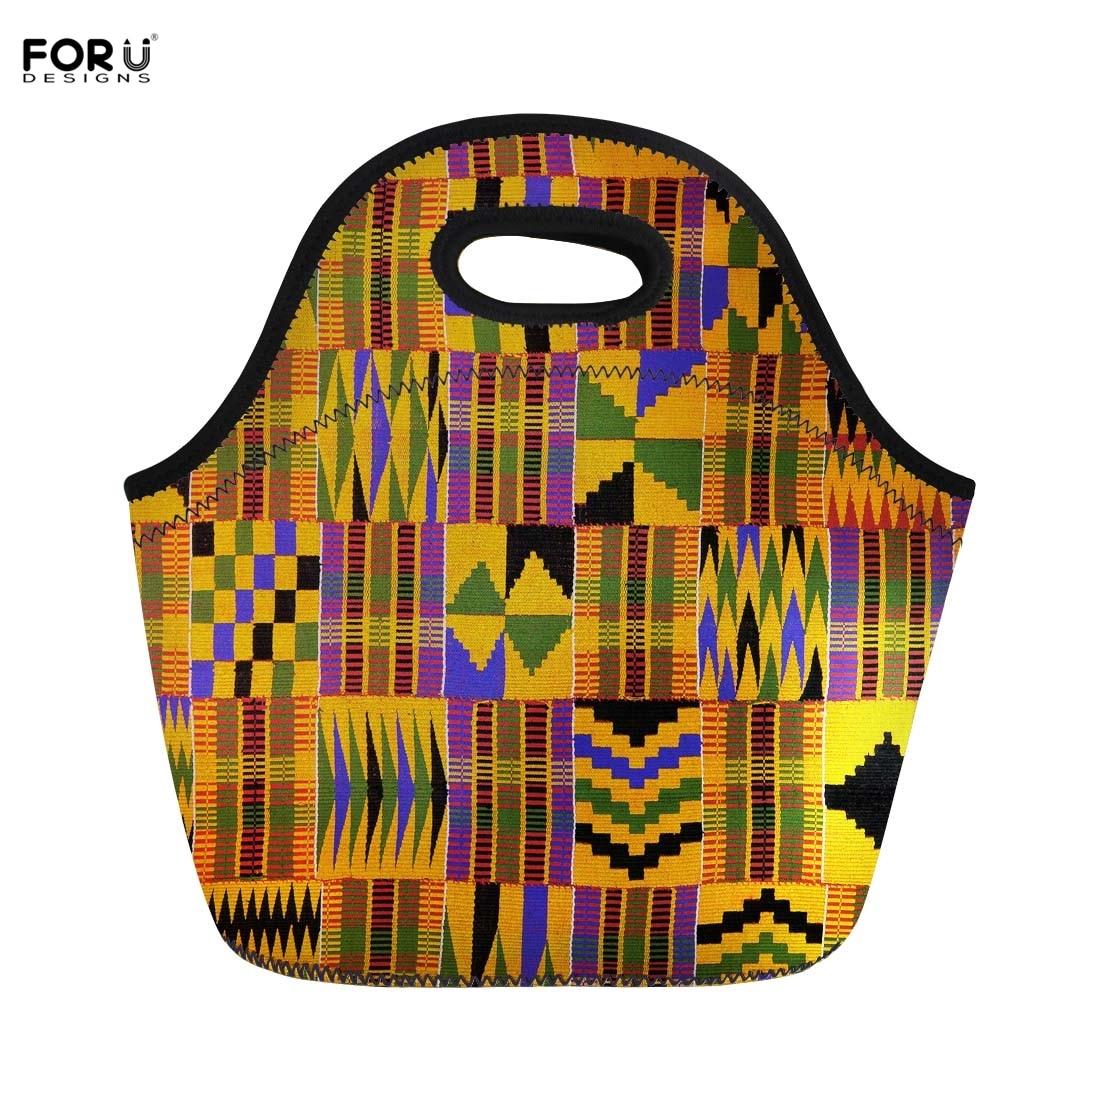 Genossenschaft Forudesigns Mittagessen Griff Totes Vintage Afrikanischen Traditionellen Portable Picknick Taschen Für Kinder Frauen Handtasche Schule Thermotaschen